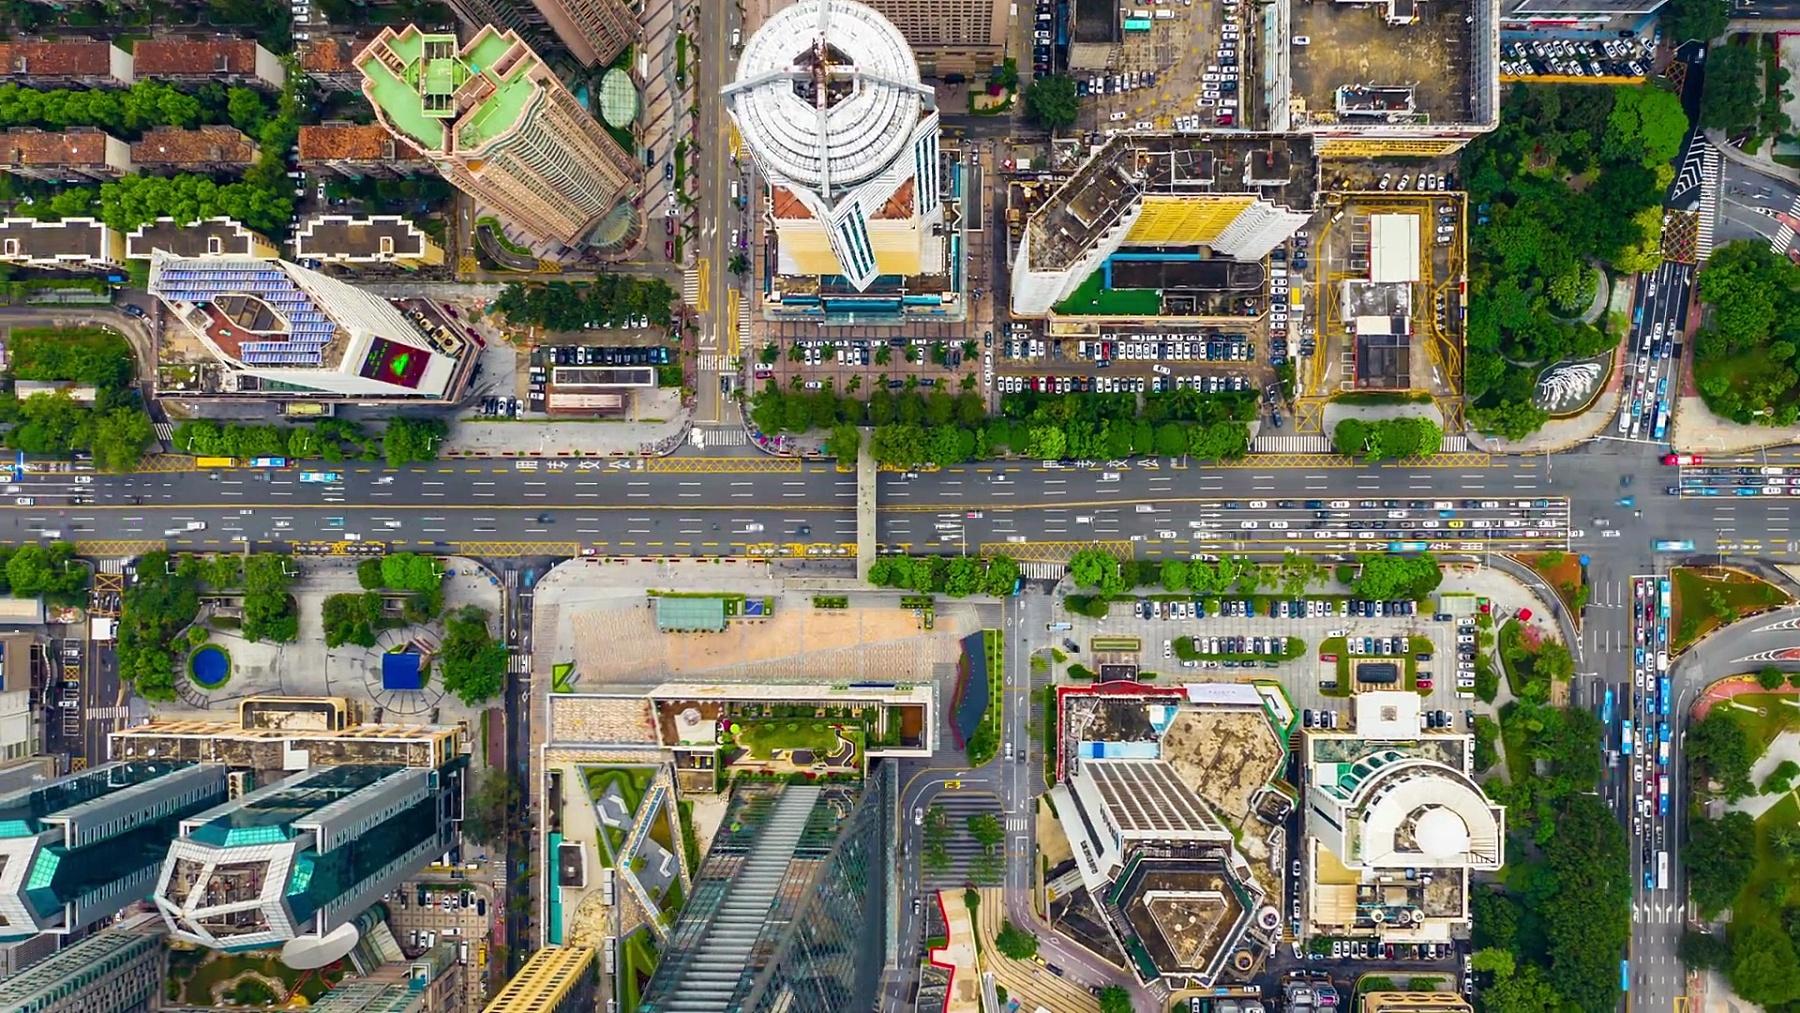 日间深圳交通街十字路口空中自上而下时间 中国